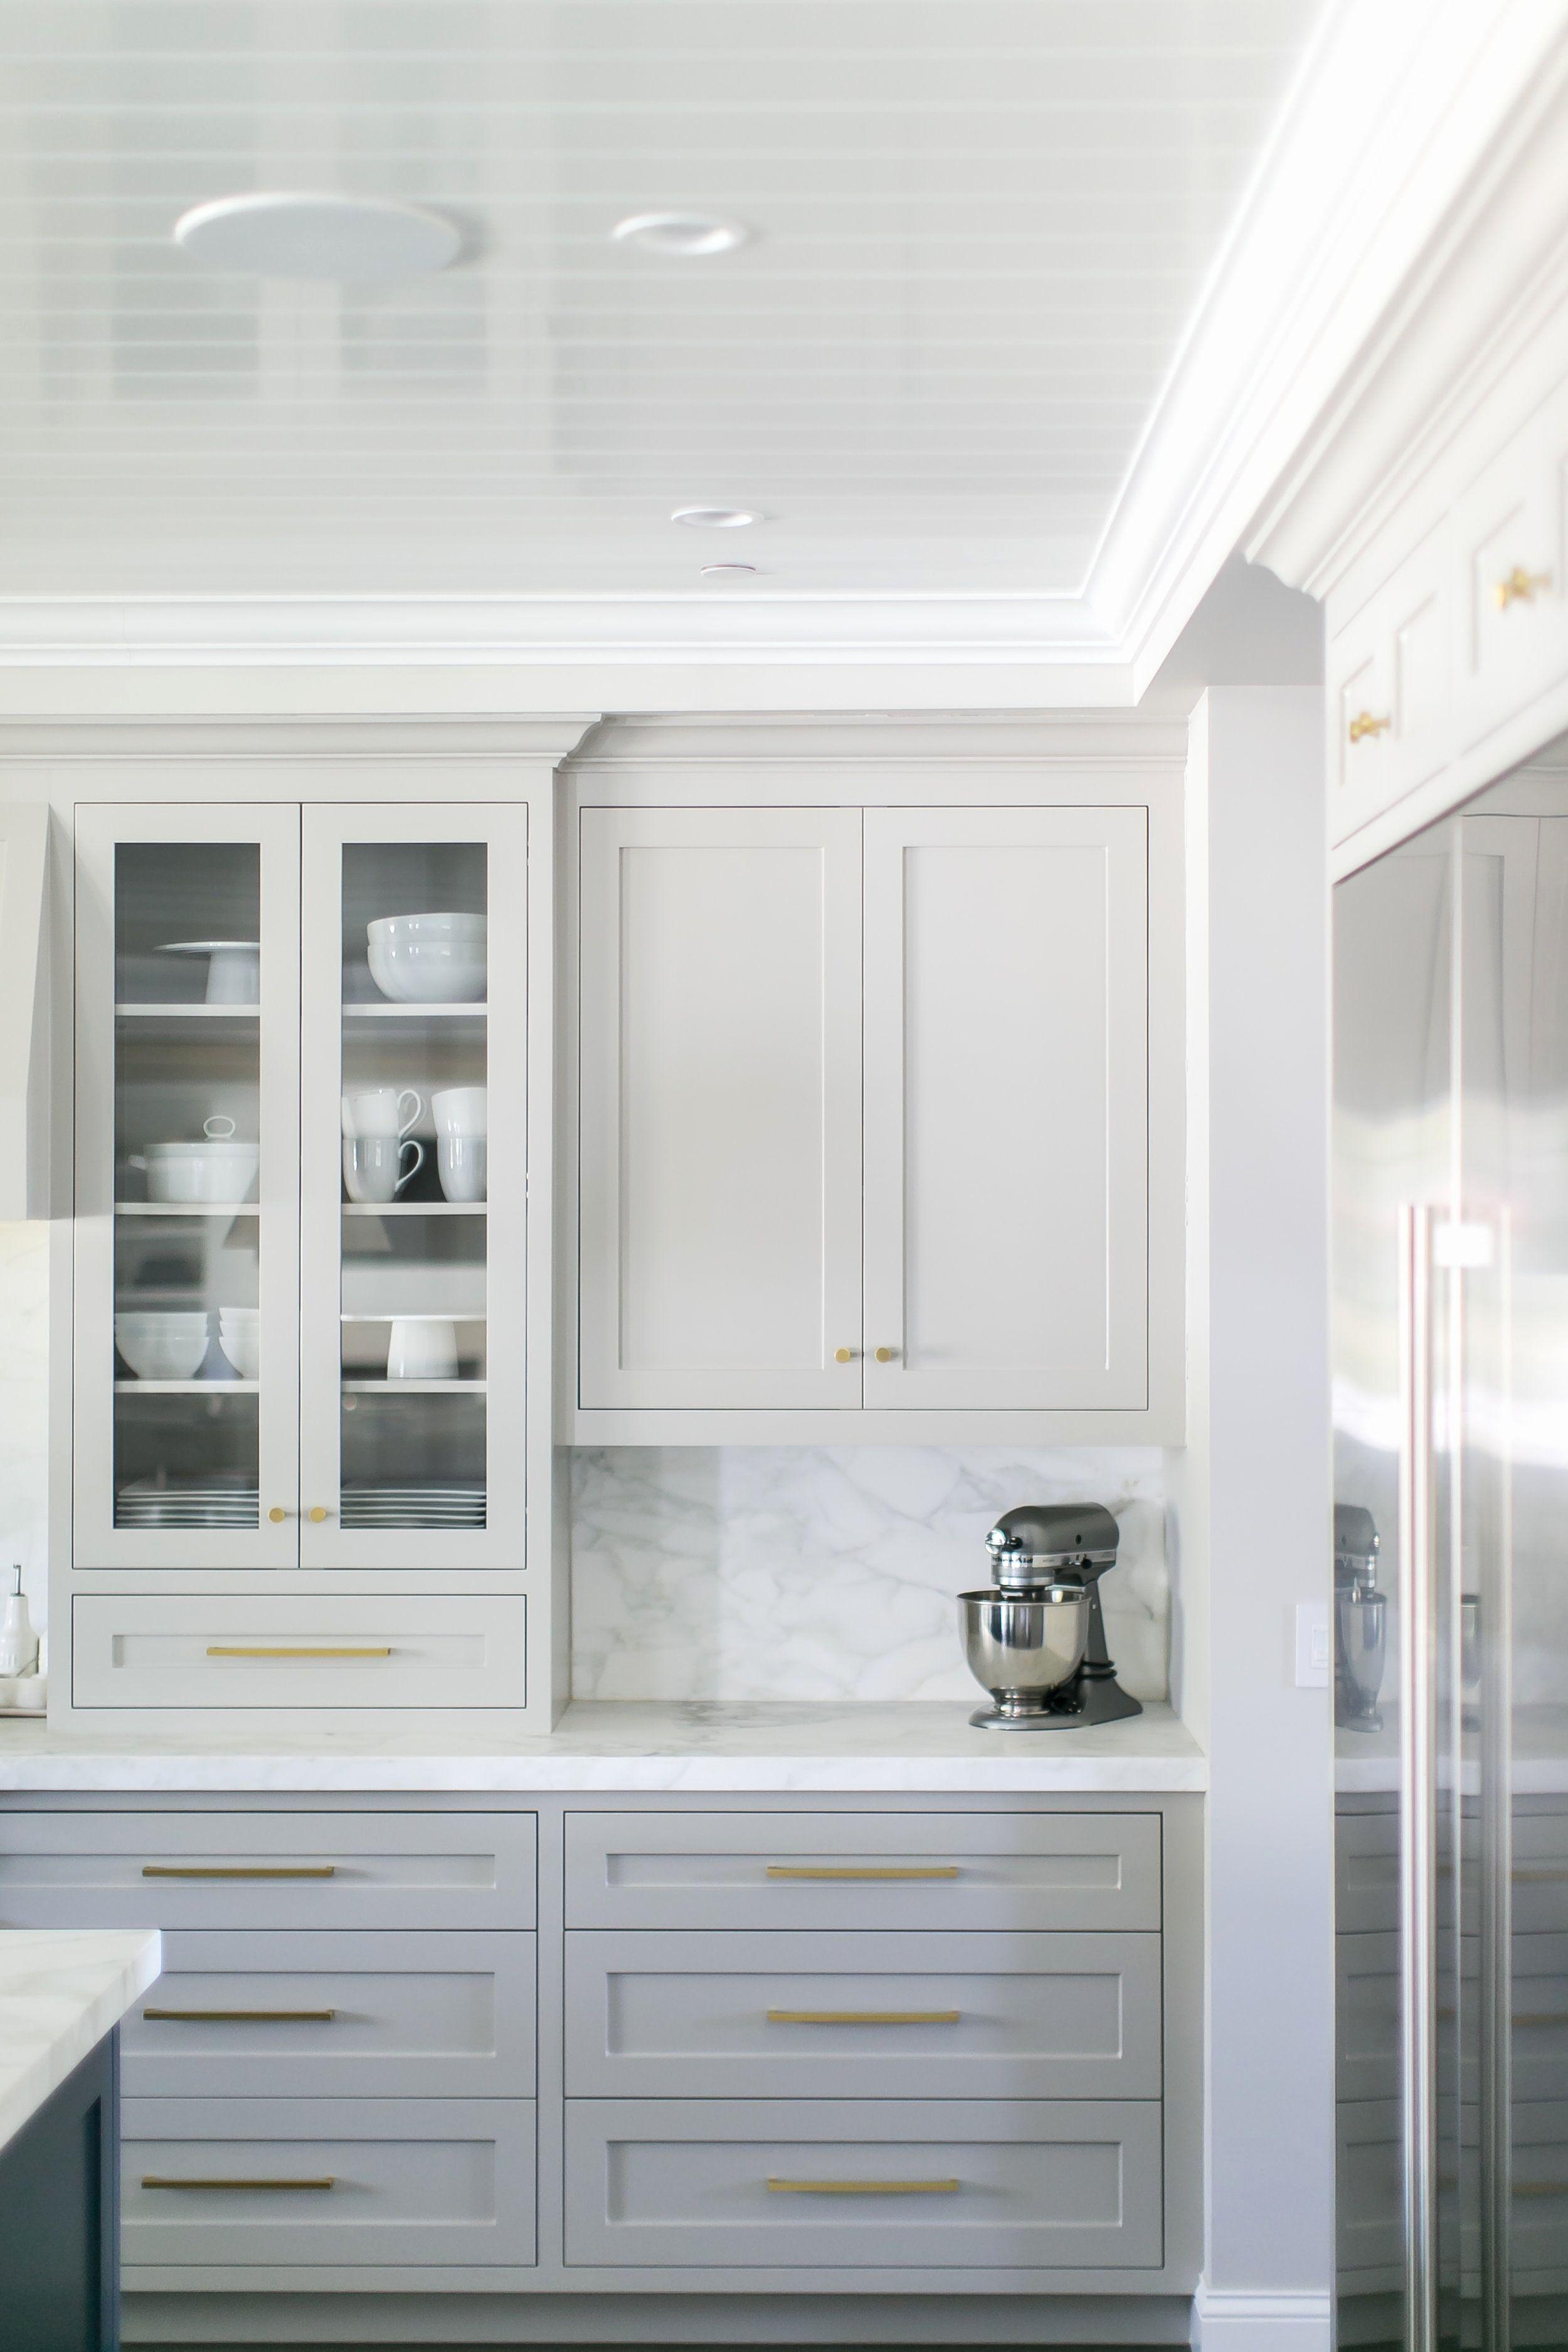 Messing kitchen cabinet hardware - Cabinet hardware hat eine wichtige Funktion, so dass der Schrank Schubladen und Türen leicht öffne... #graykitchencabinets